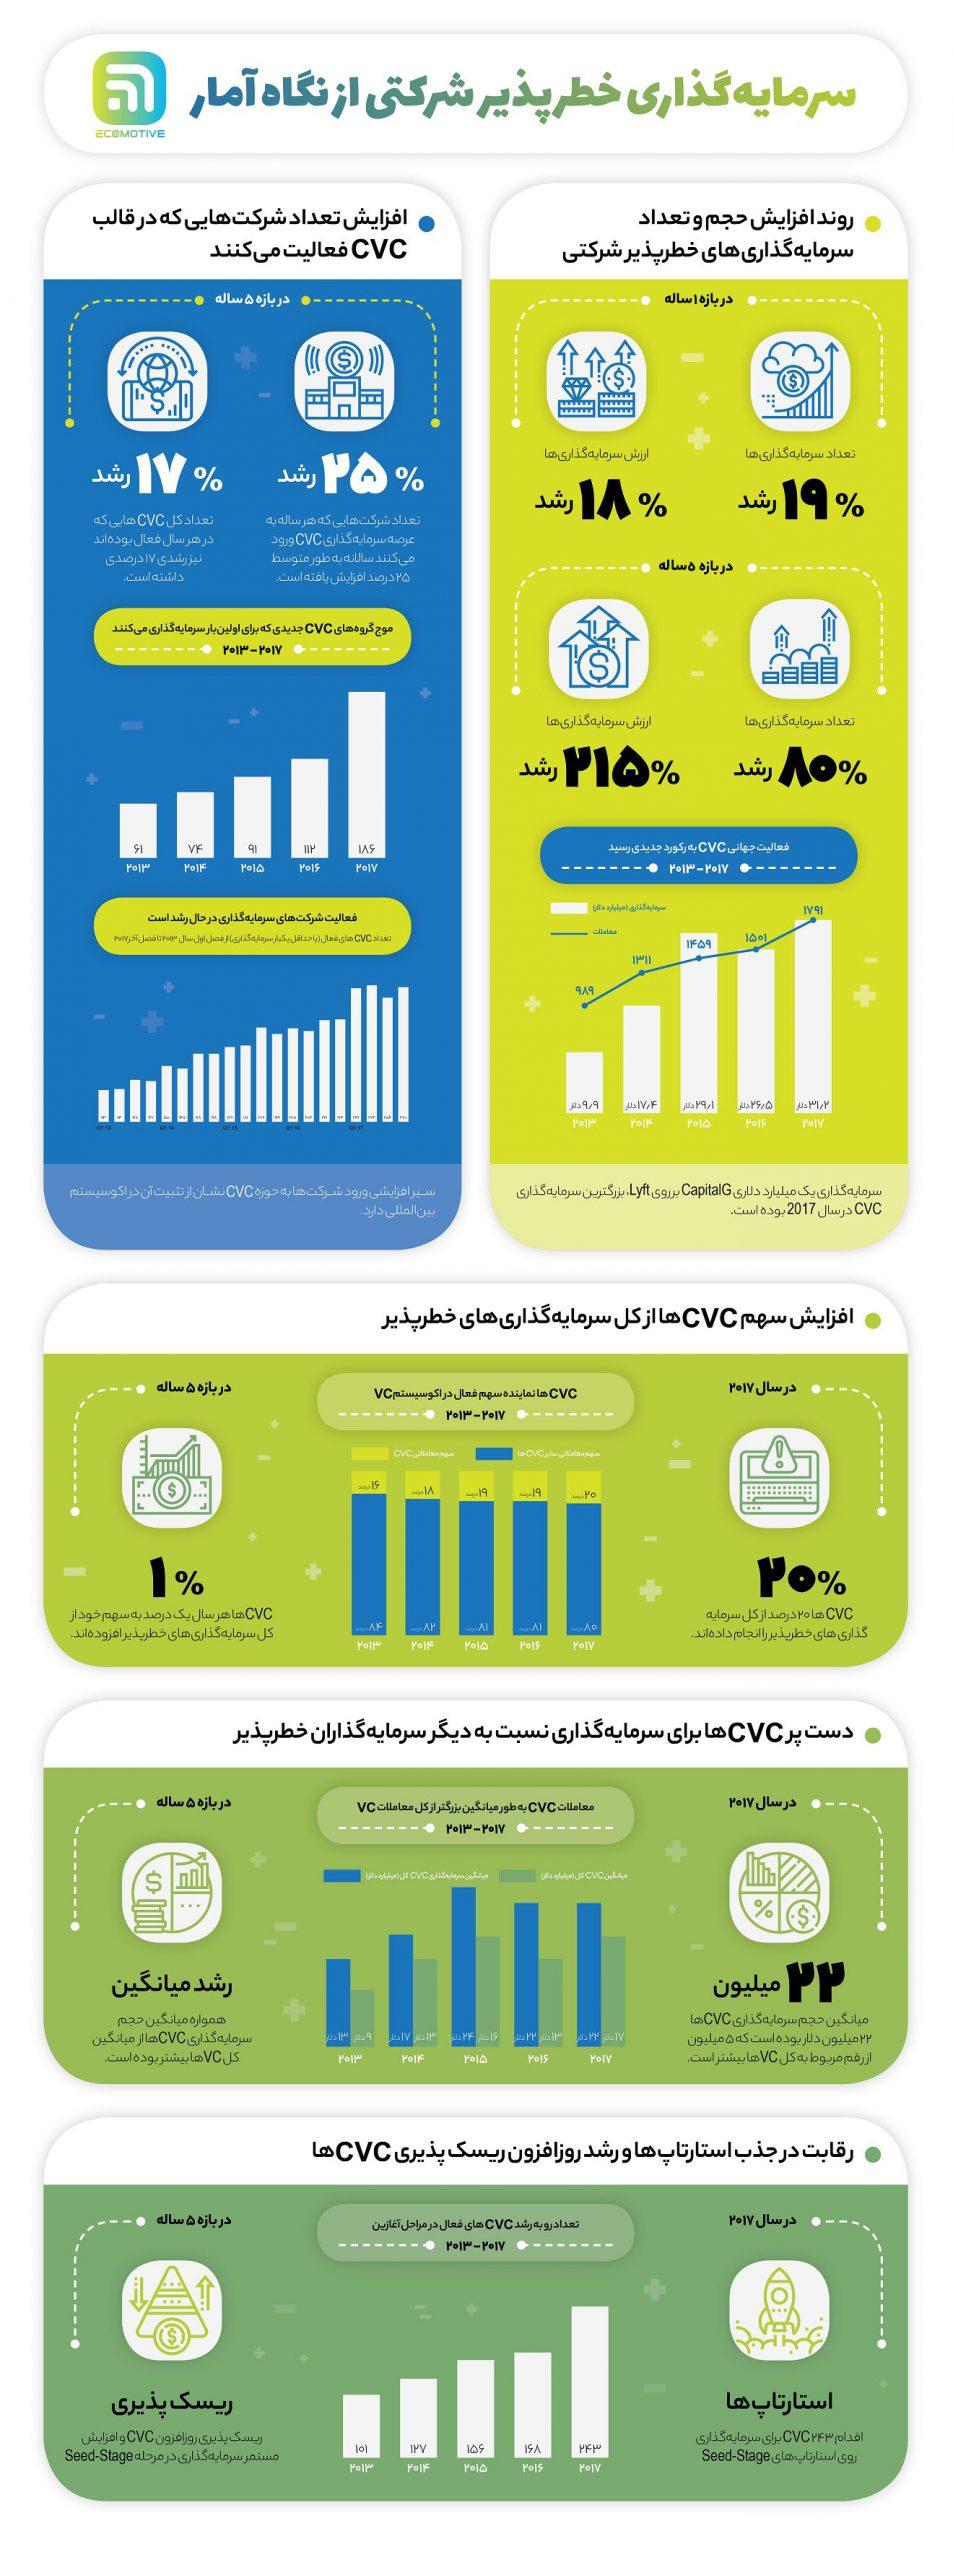 رشد سرمایه گذاری خطرپذیر شرکتی از نگاه آمار + اینفوگرافیک